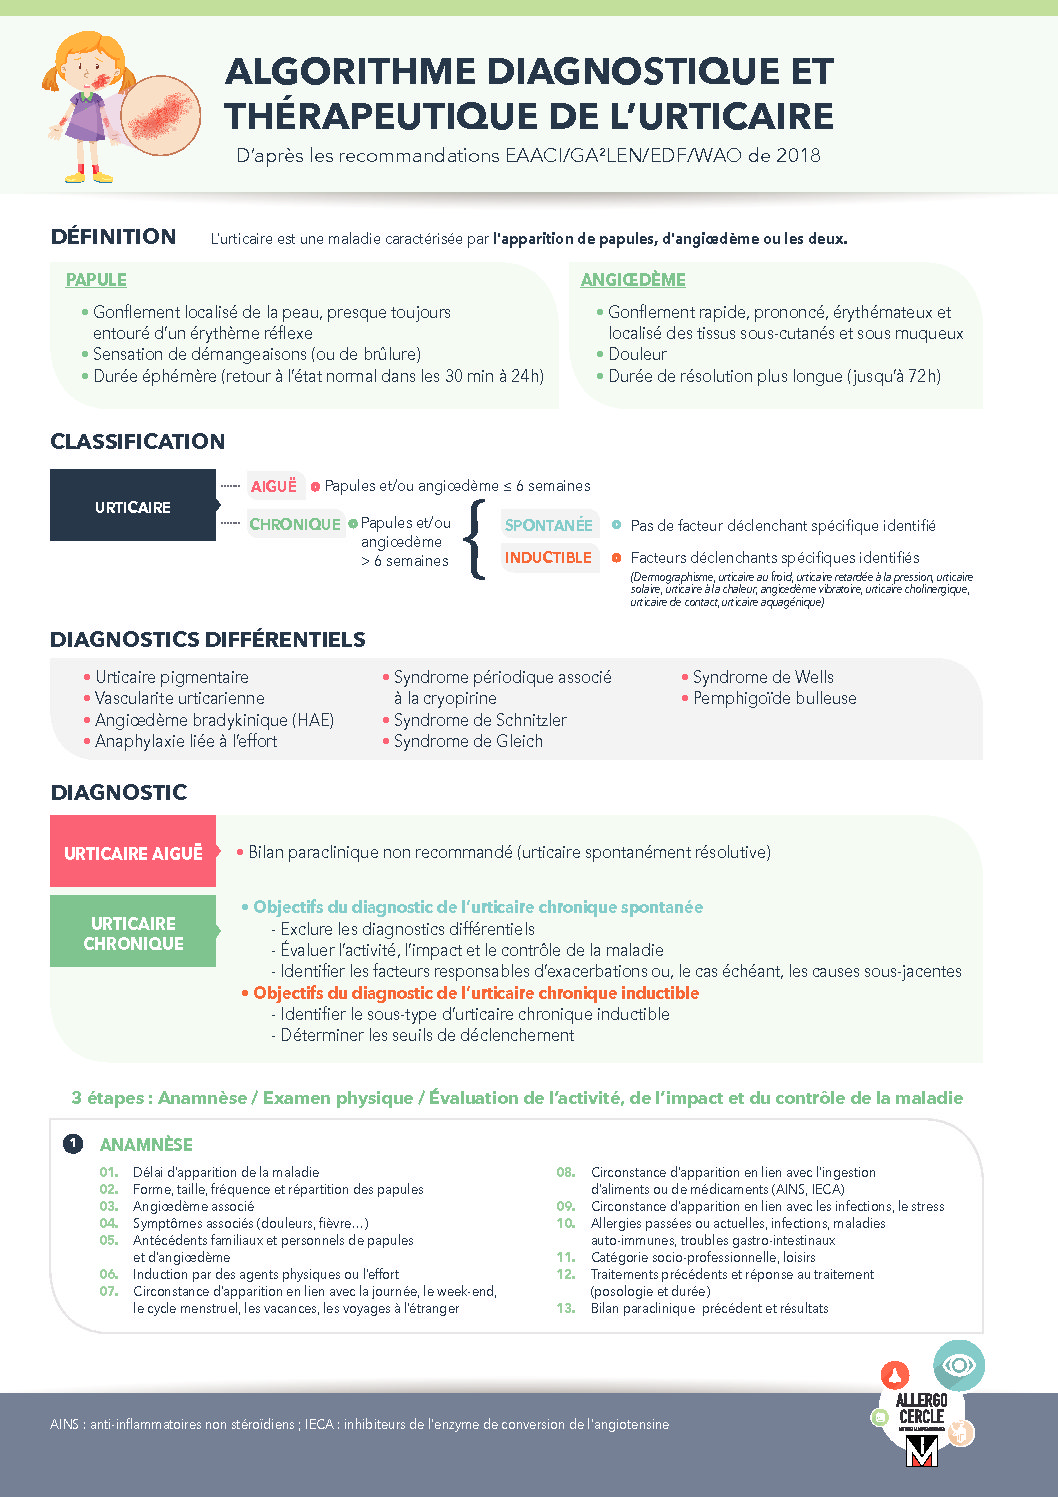 algorithme diagnostique et thérapeutique de l urticaire pages 1